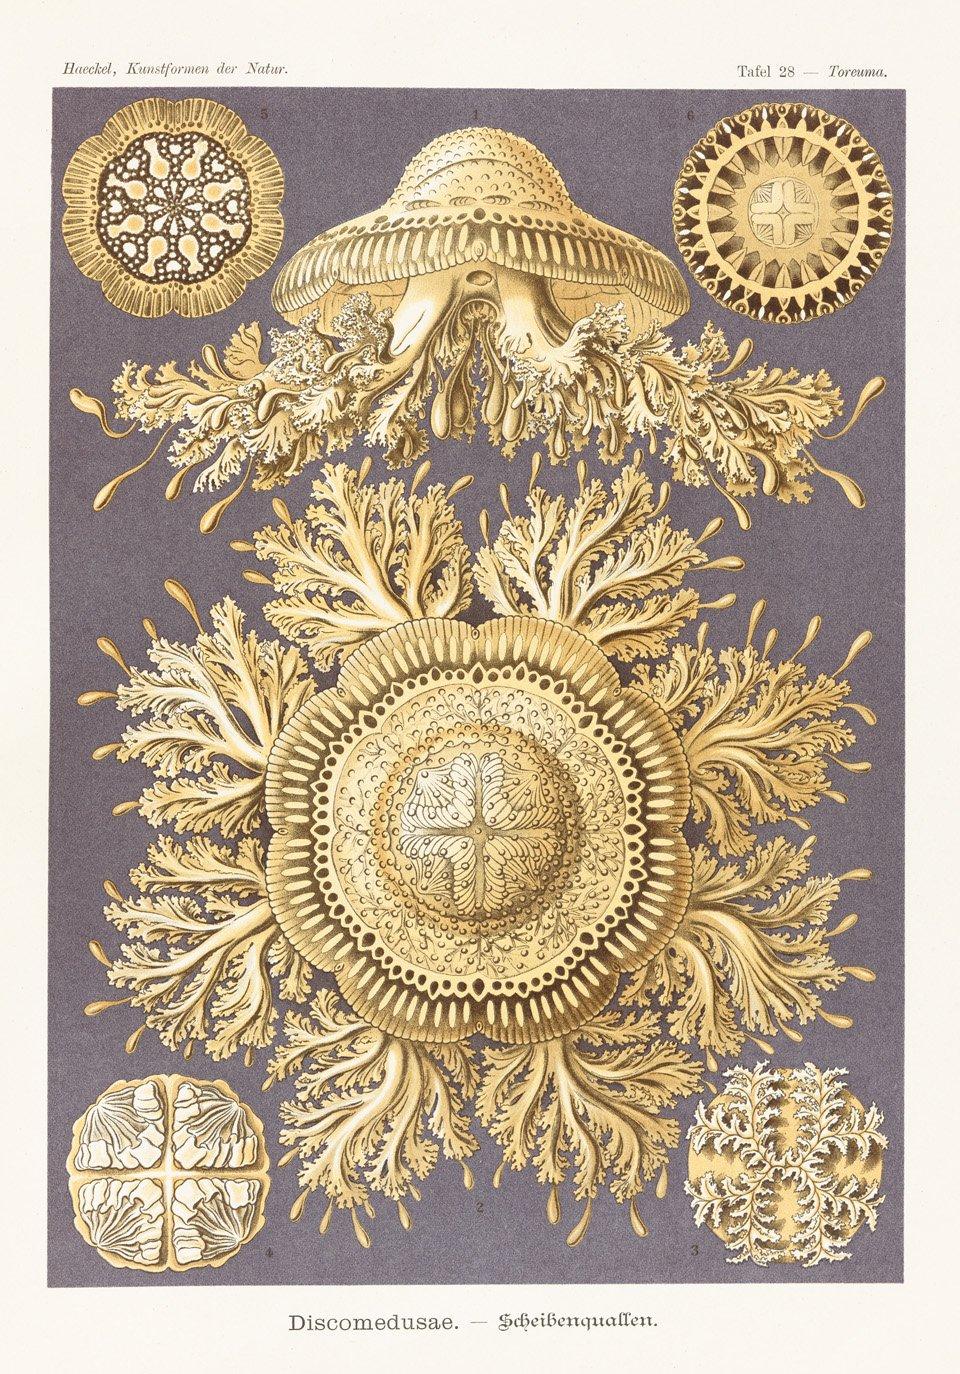 Nesseltiere und Scheibenquallen Kunstformen der Natur, 1899–1904 | Copyright: © TASCHEN Köln/Niedersächsische Staats- und Universitätsbibliothek Göttin |